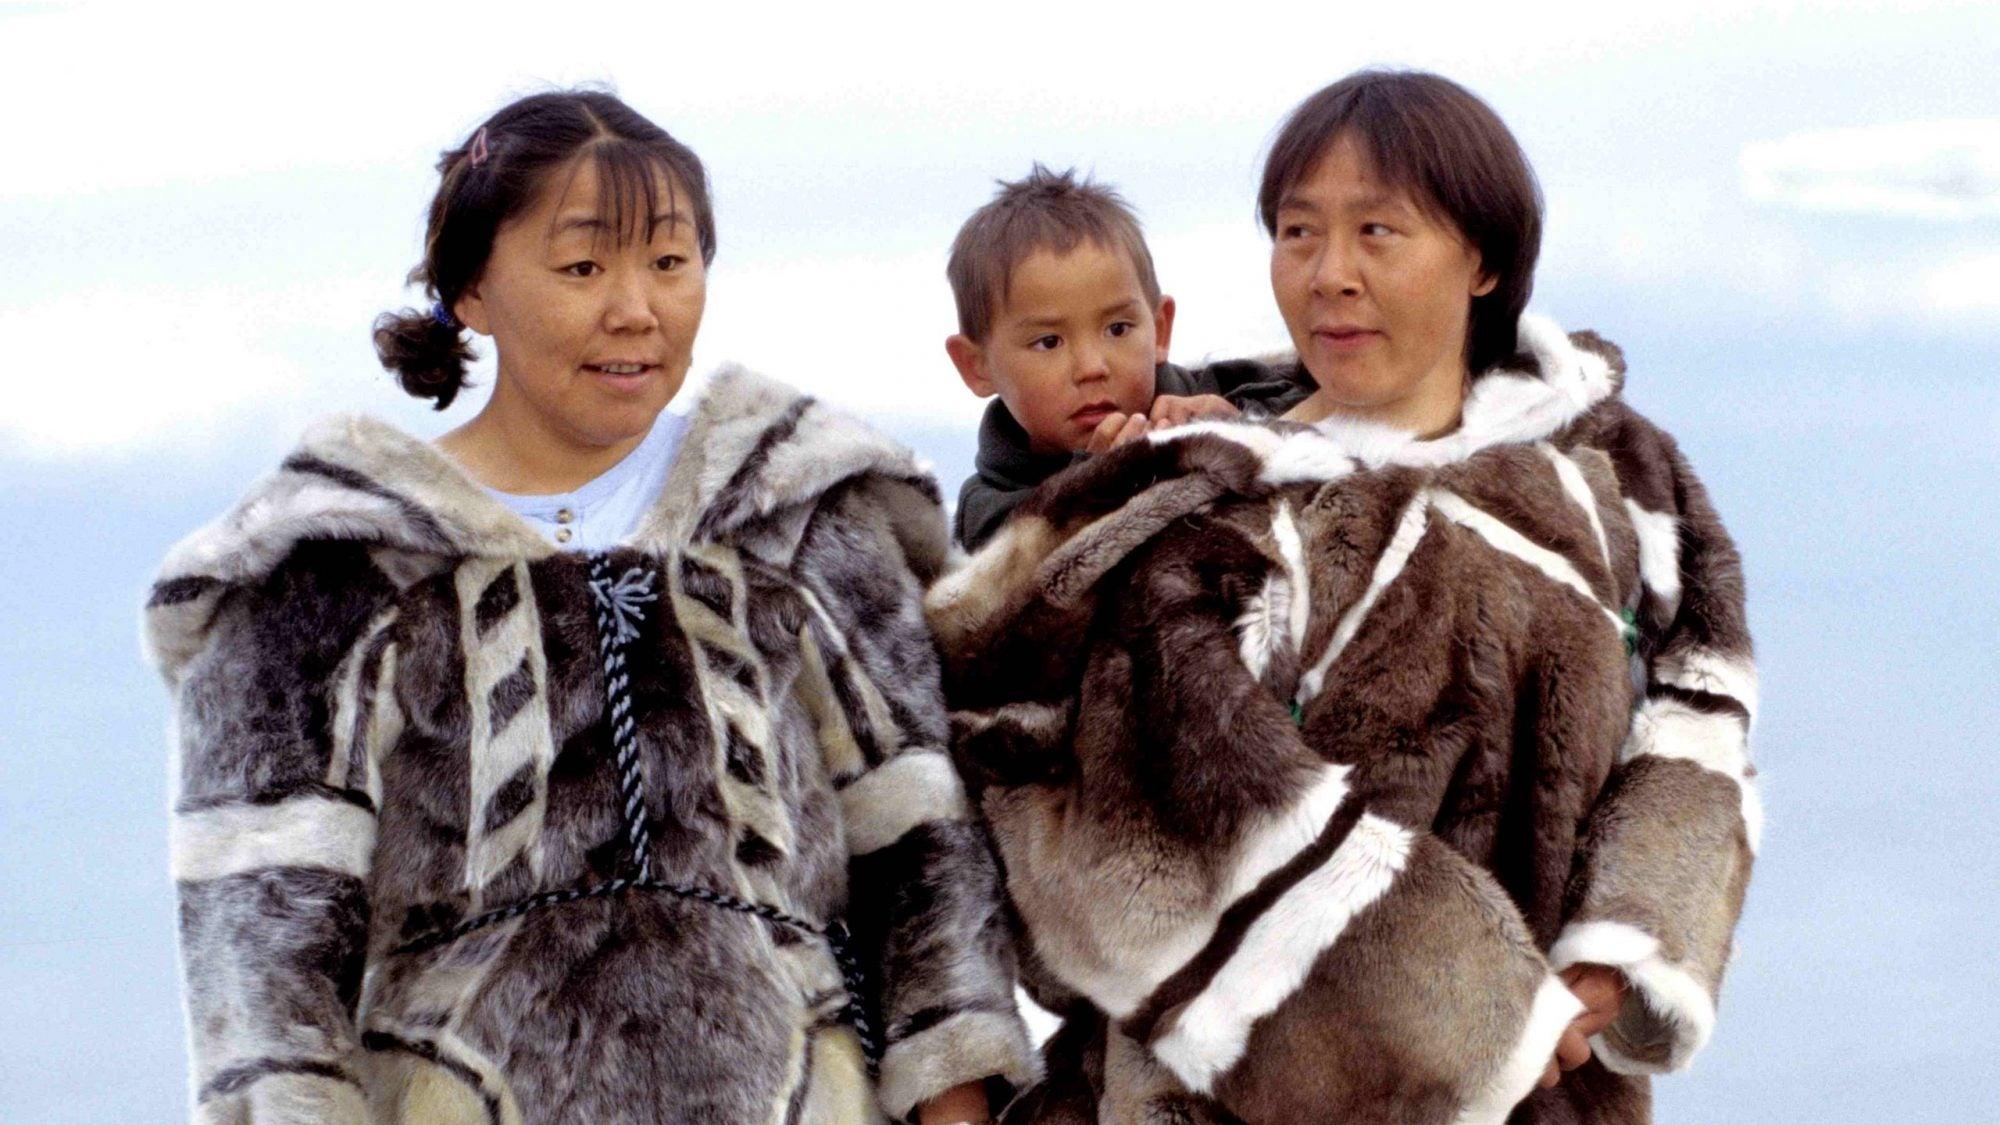 Three Inuit people